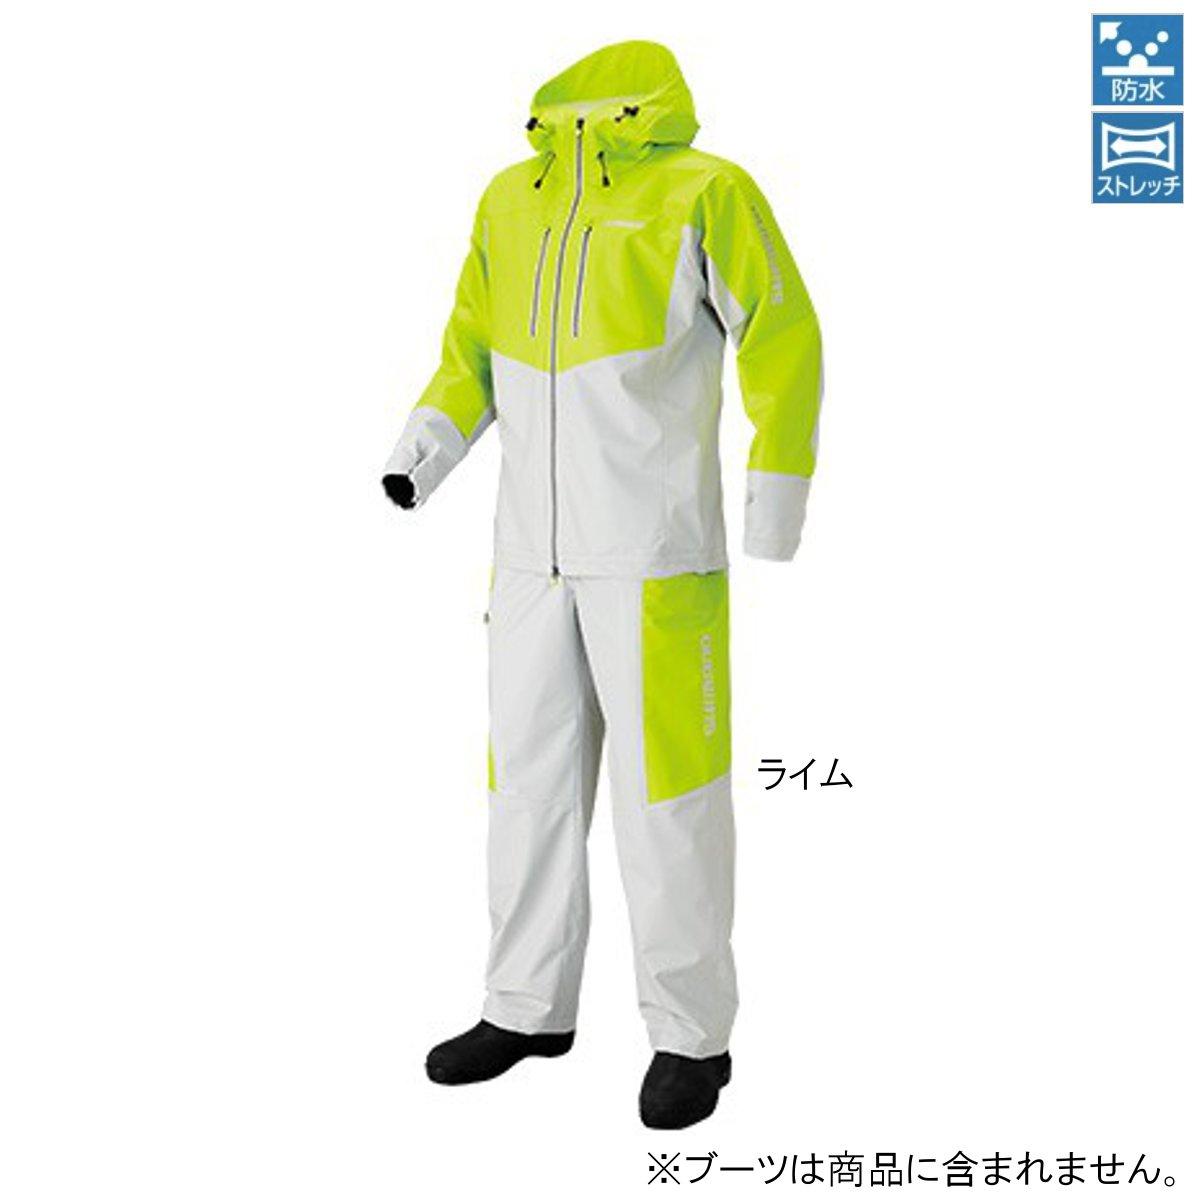 シマノ マリンライトスーツ RA-034N 2XL ライム【送料無料】